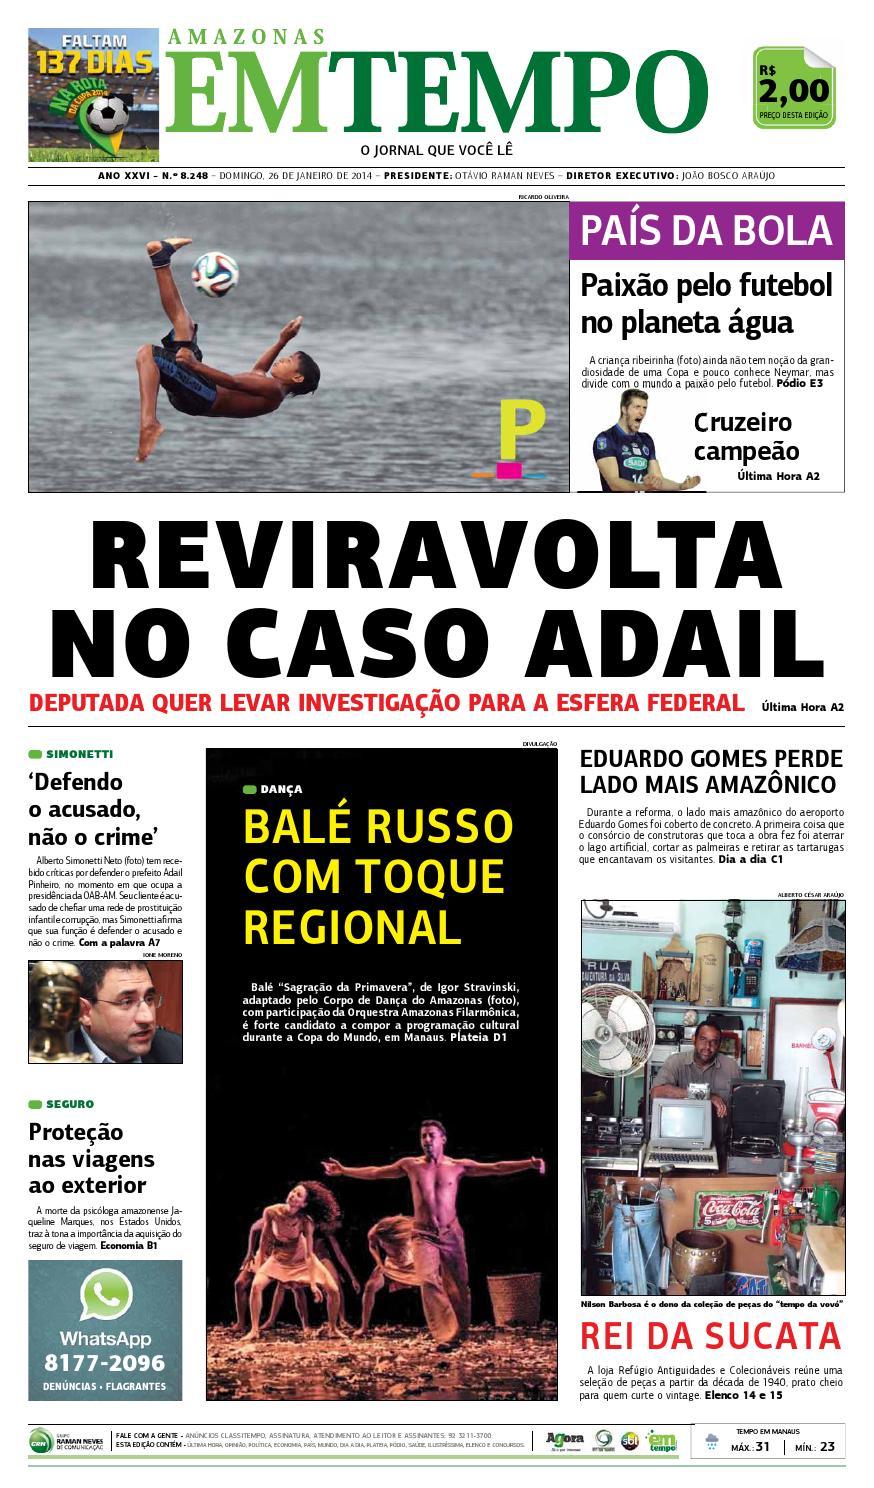 EM TEMPO - 26 de janeiro de 2014 by Amazonas Em Tempo - issuu 5e334901ee9